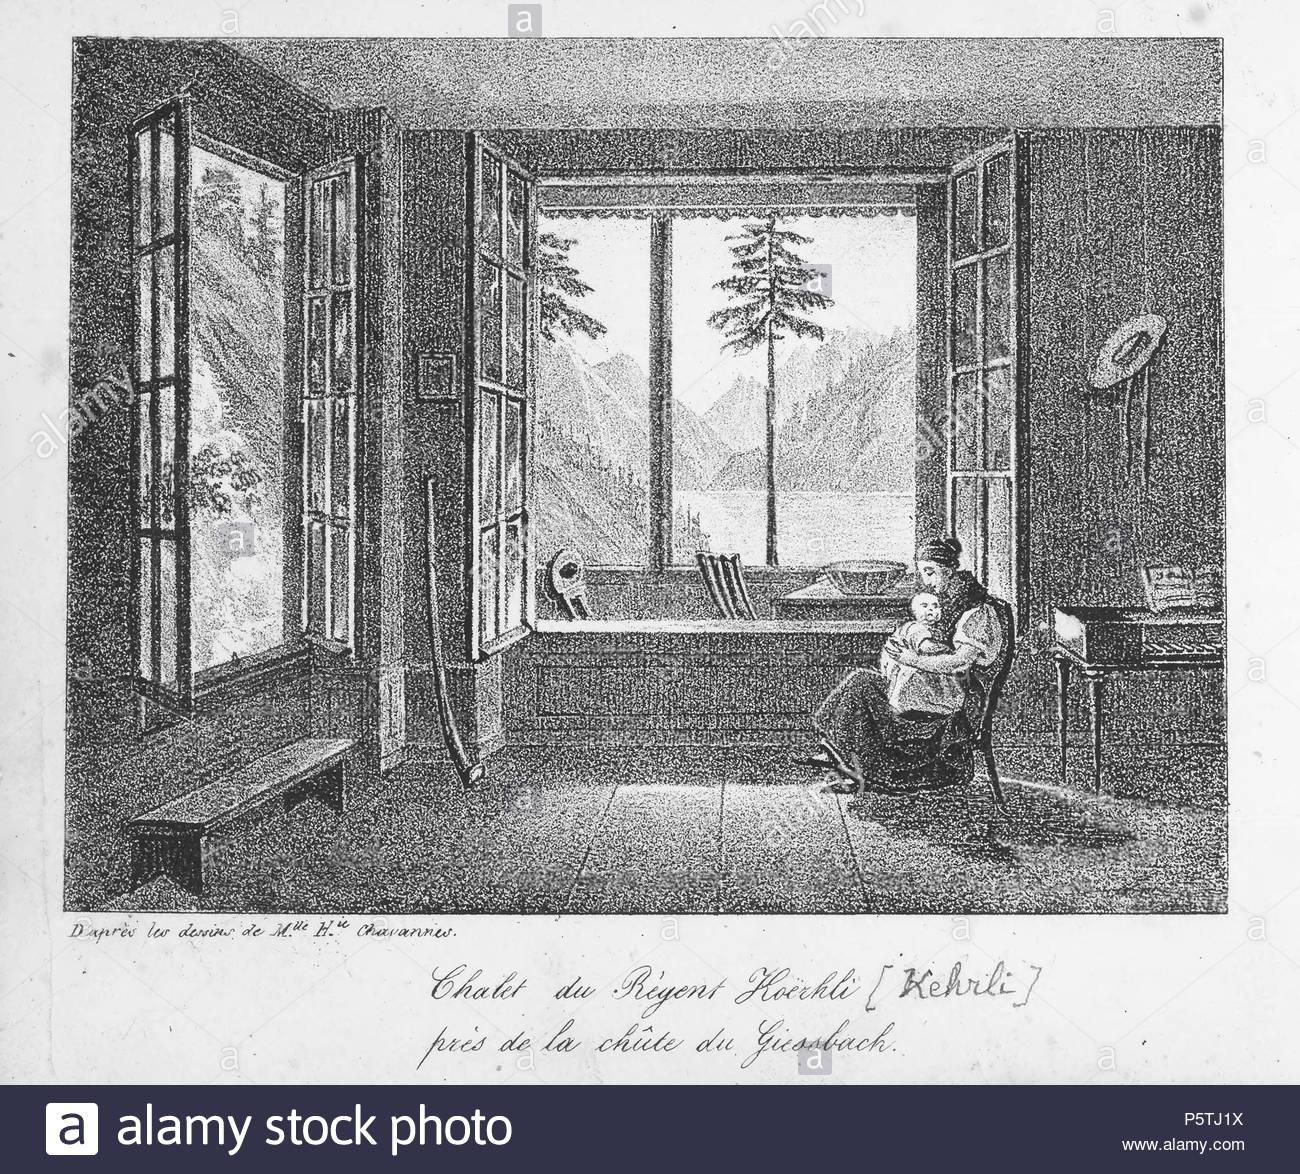 na franais livre la suisse en miniature 100 vues lithographies chalet du rgent korhli prs de la chte du giessbach 1831 chavannes herminie 318 ch nb la suisse en miniature page054 P5TJ1X